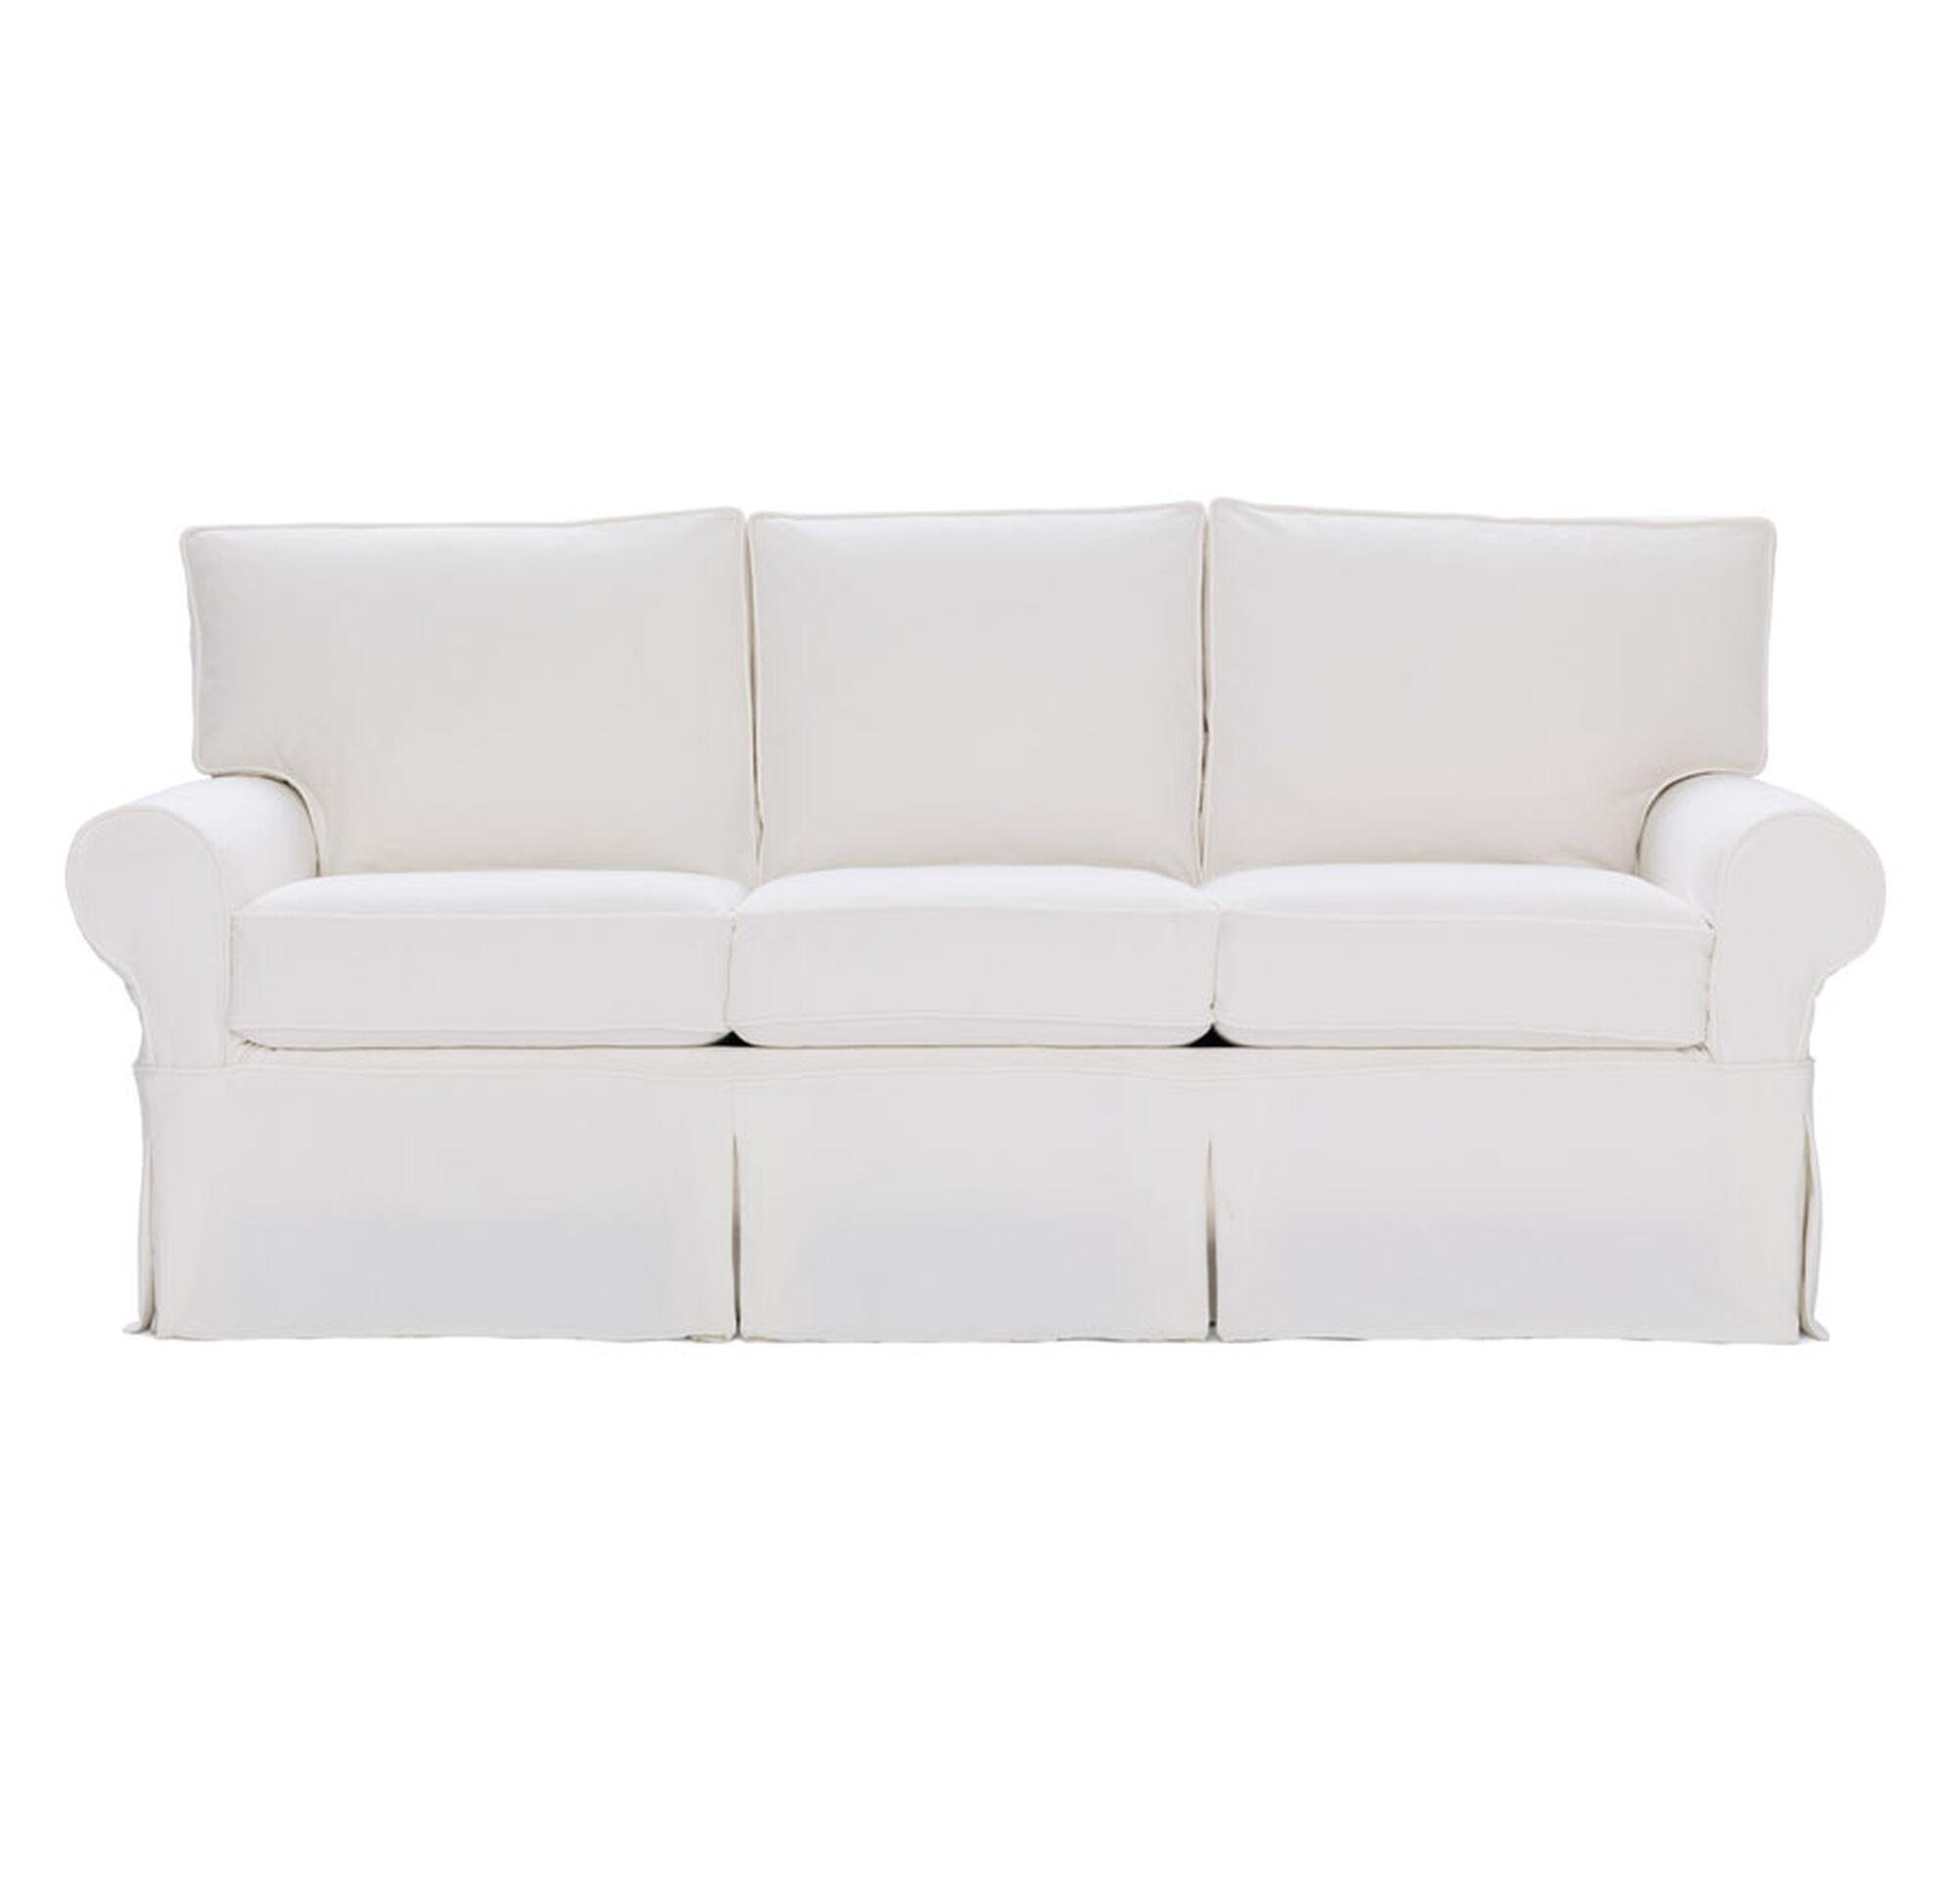 Alexa Ii Super Luxe Queen Slipcover Sleeper Sofa Hi Res